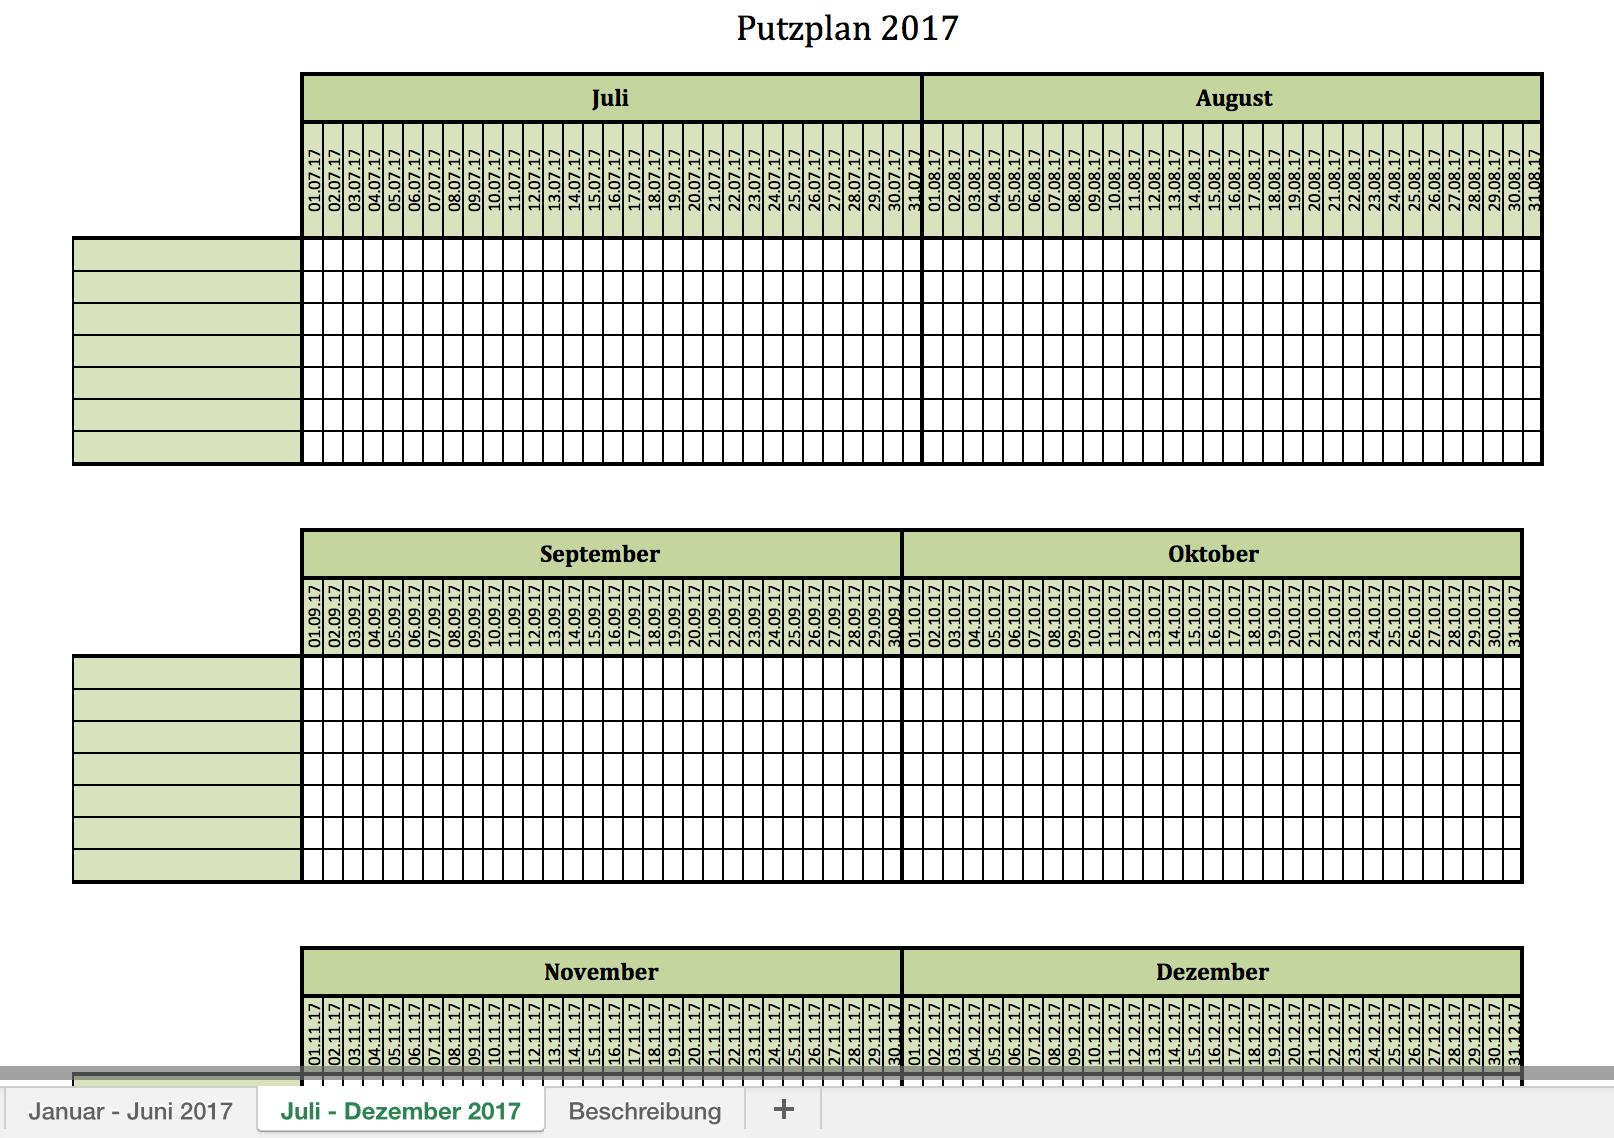 Blanko Putzplan 2017 mit Excel